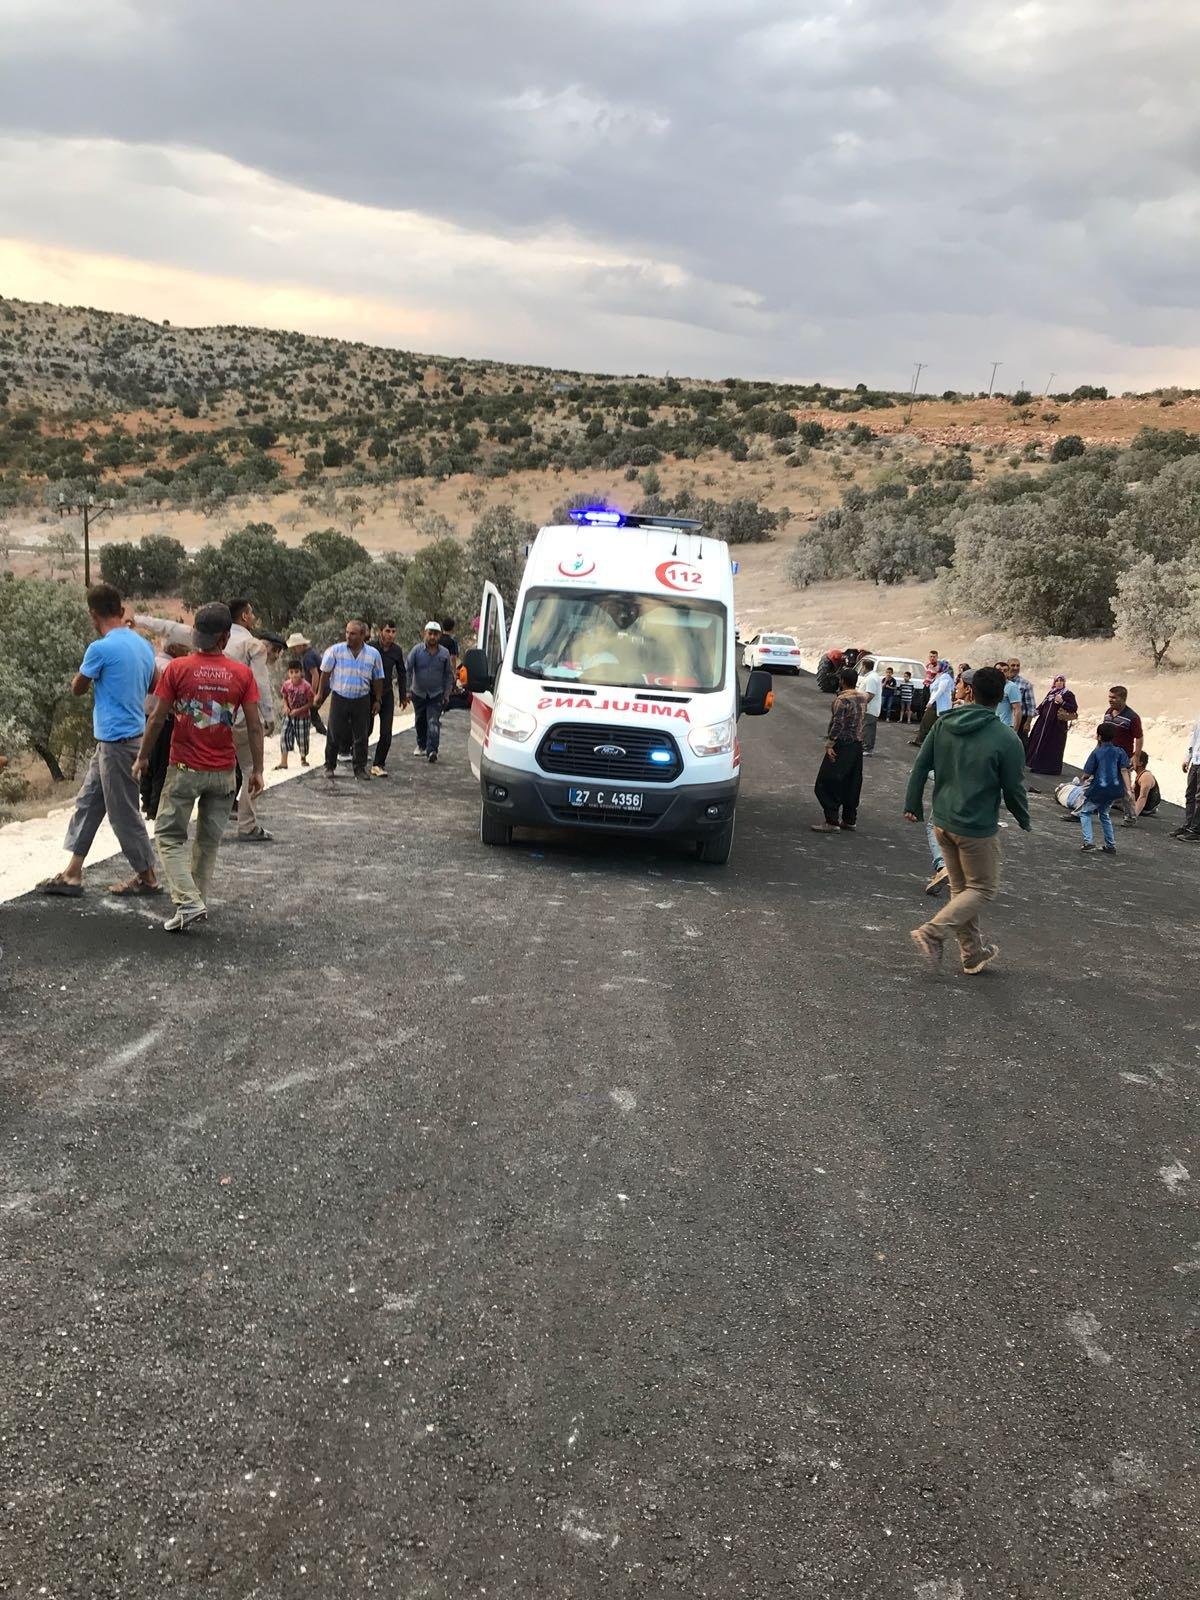 ç. Sadece Gaziantep'te son bir hafta içerisinde meydana gelen 3 trafik kazasında 8 tarım işçisi öldü, 43 tarım işçisi de yaralandı.